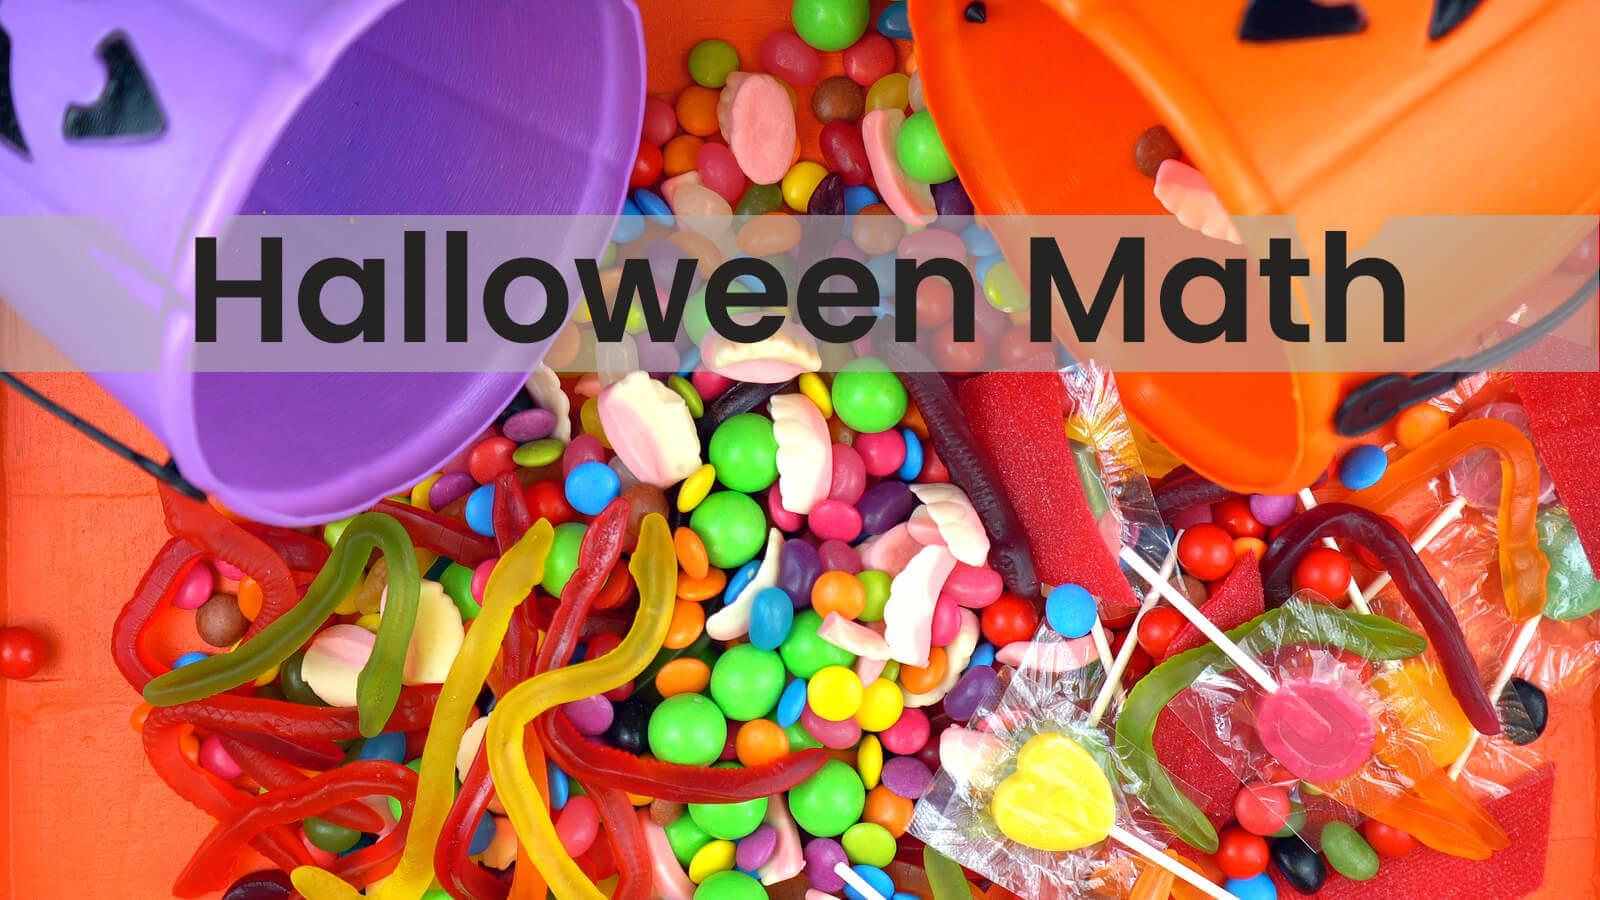 Halloween Math Resources Surfnetkids